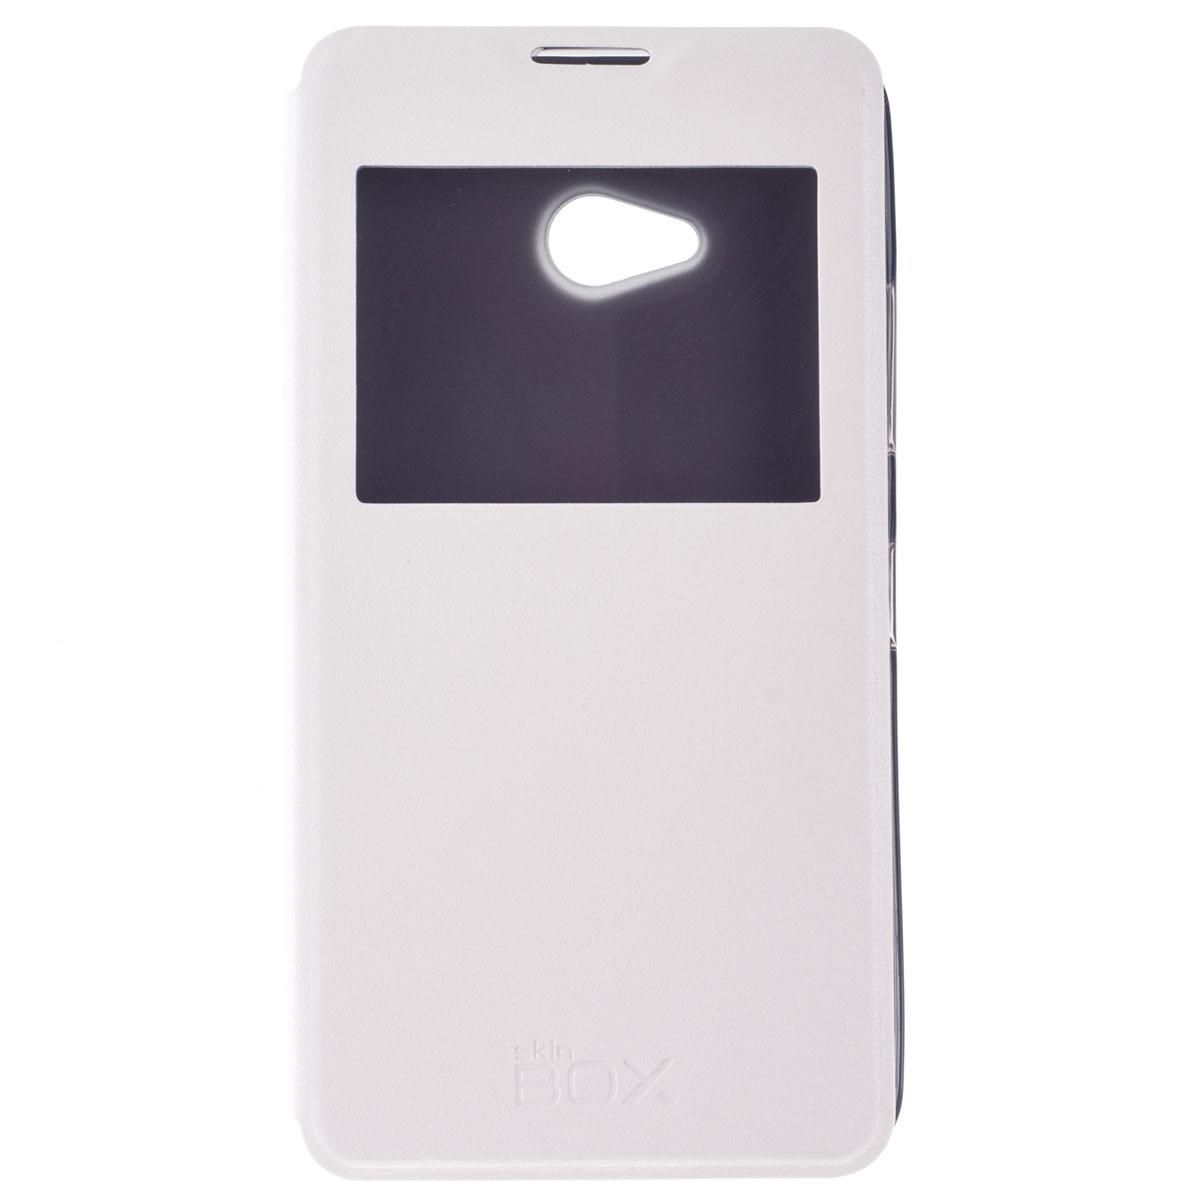 Skinbox Lux AW чехол для Microsoft Lumia 640, WhiteT-S-ML640-004Чехол Skinbox Lux AW выполнен из высококачественного поликарбоната и экокожи. Он обеспечивает надежную защиту корпуса и экрана смартфона и надолго сохраняет его привлекательный внешний вид. Чехол также обеспечивает свободный доступ ко всем разъемам и клавишам устройства.